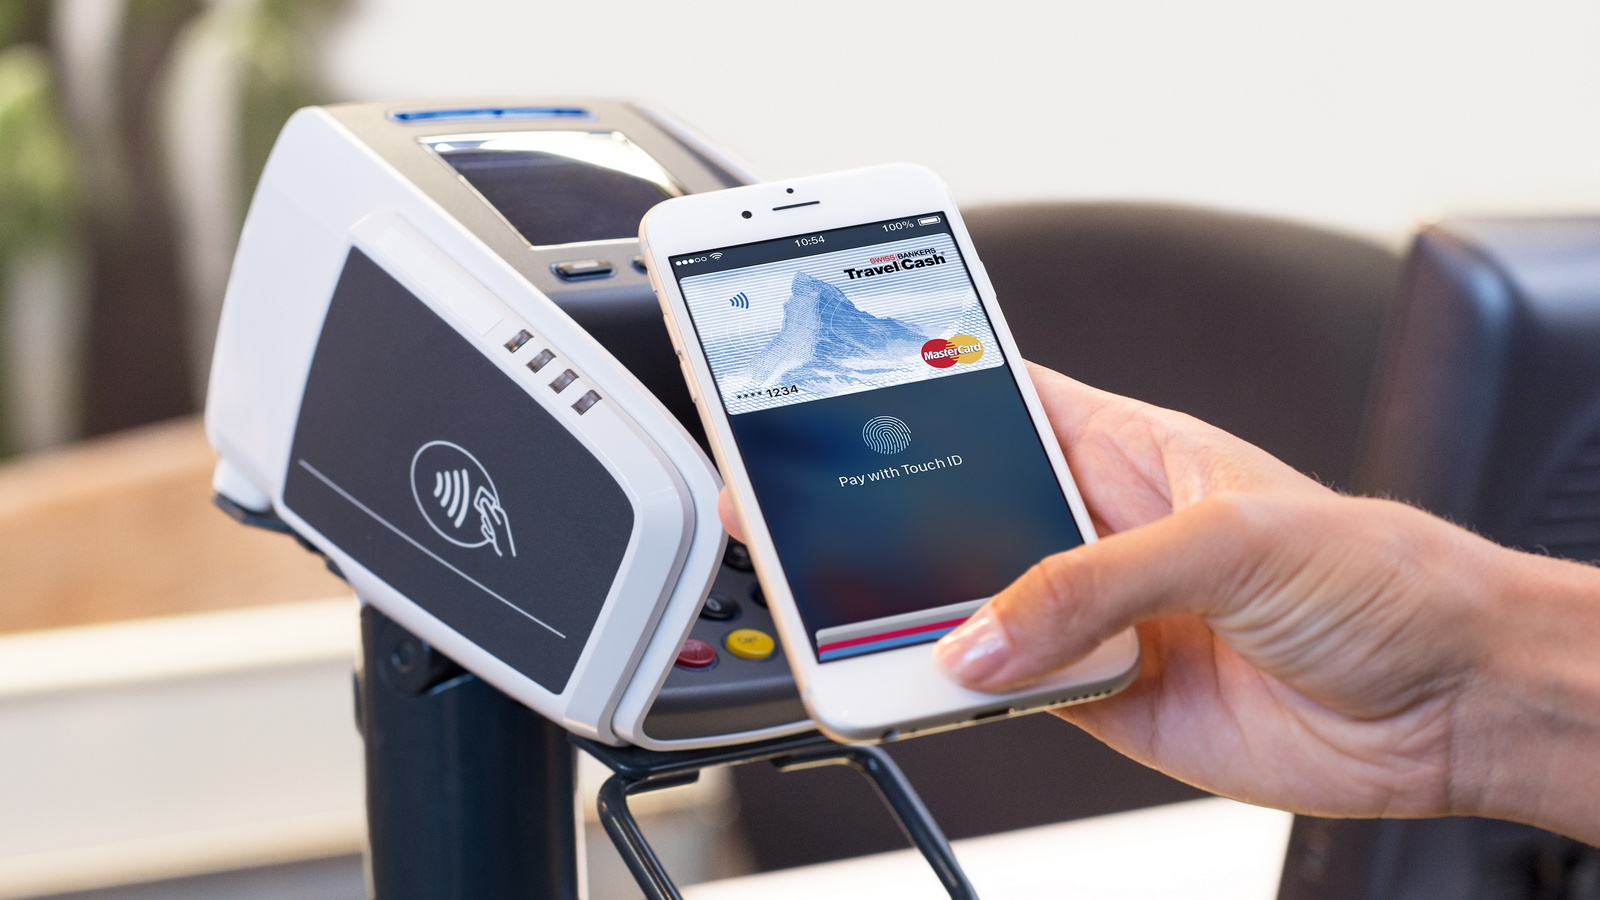 iOS 11可让iPhone的NFC芯片不仅仅用于苹果支付